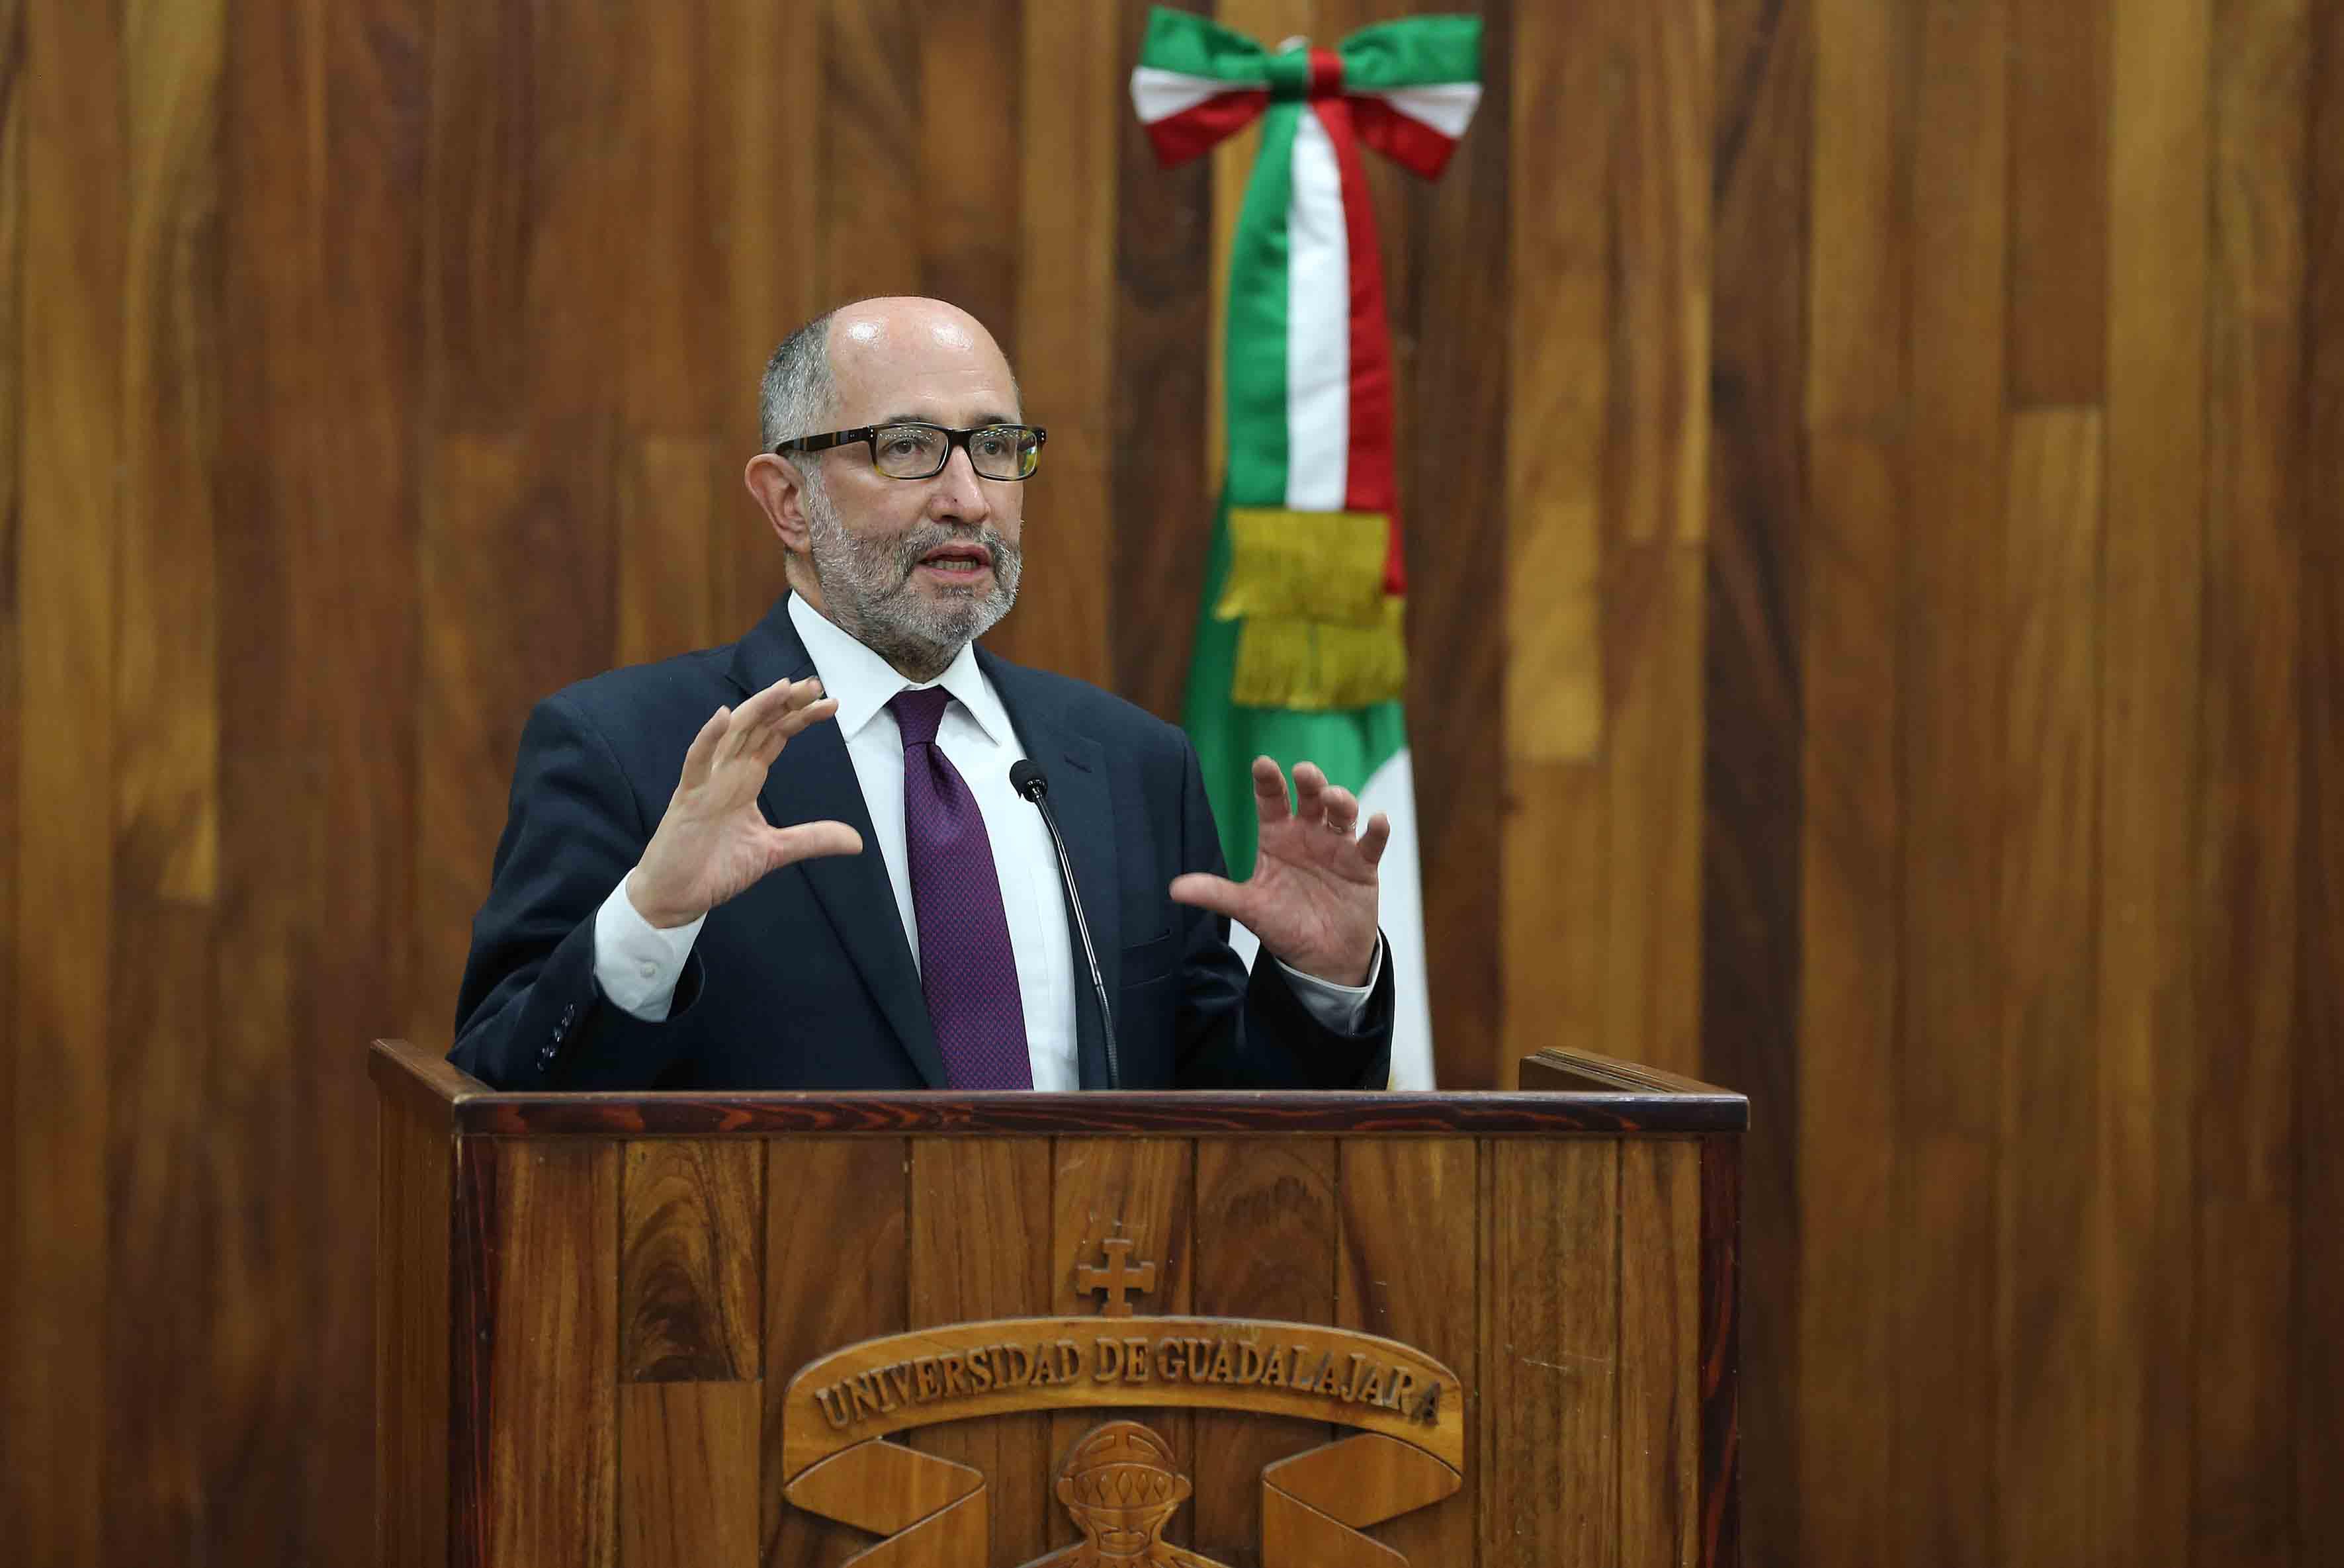 Doctor José Ramón Cossío Díaz, Ministro de la Suprema Corte de Justicia de la Nación (SCJN), haciendo uso de la palabra.